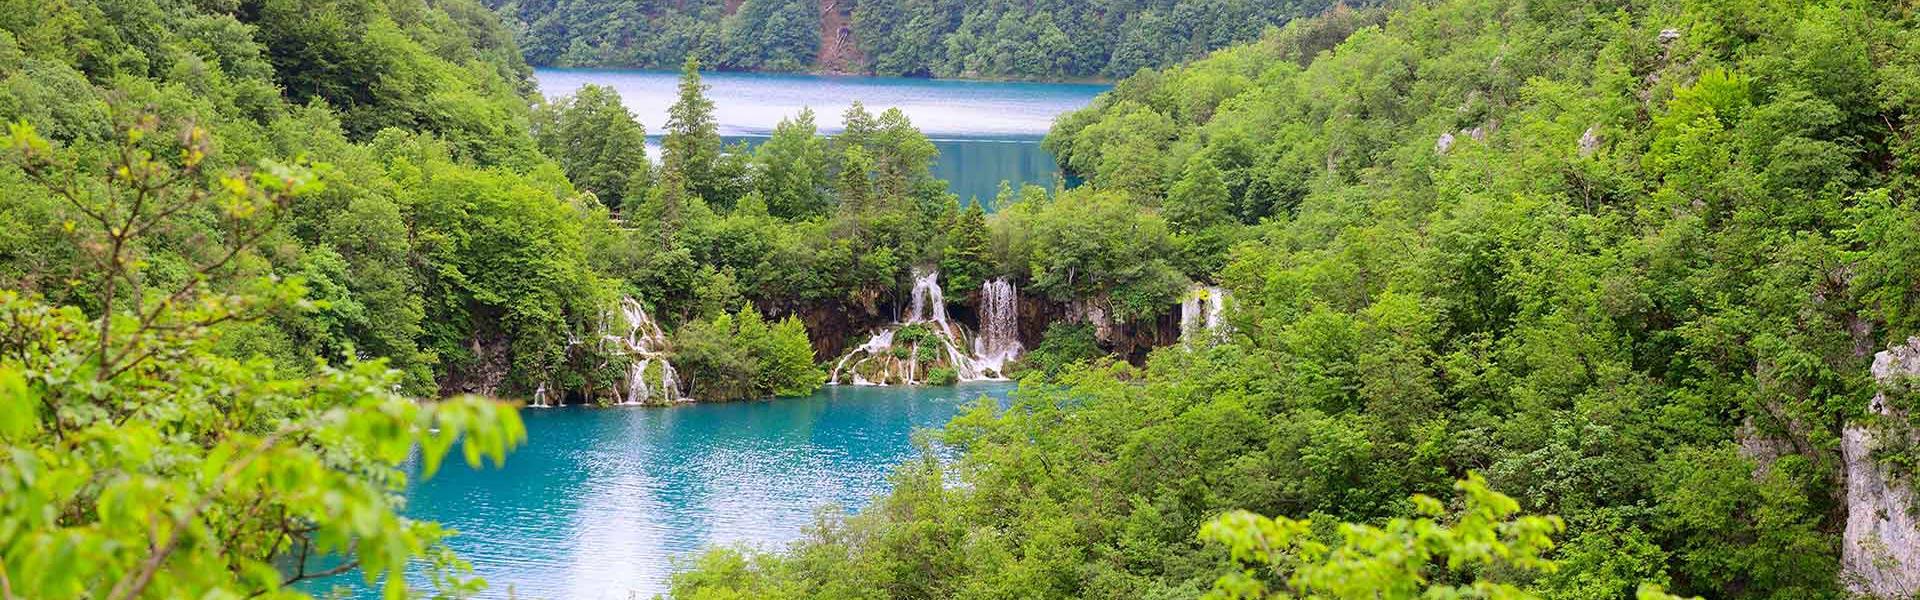 Kaskáda jezer